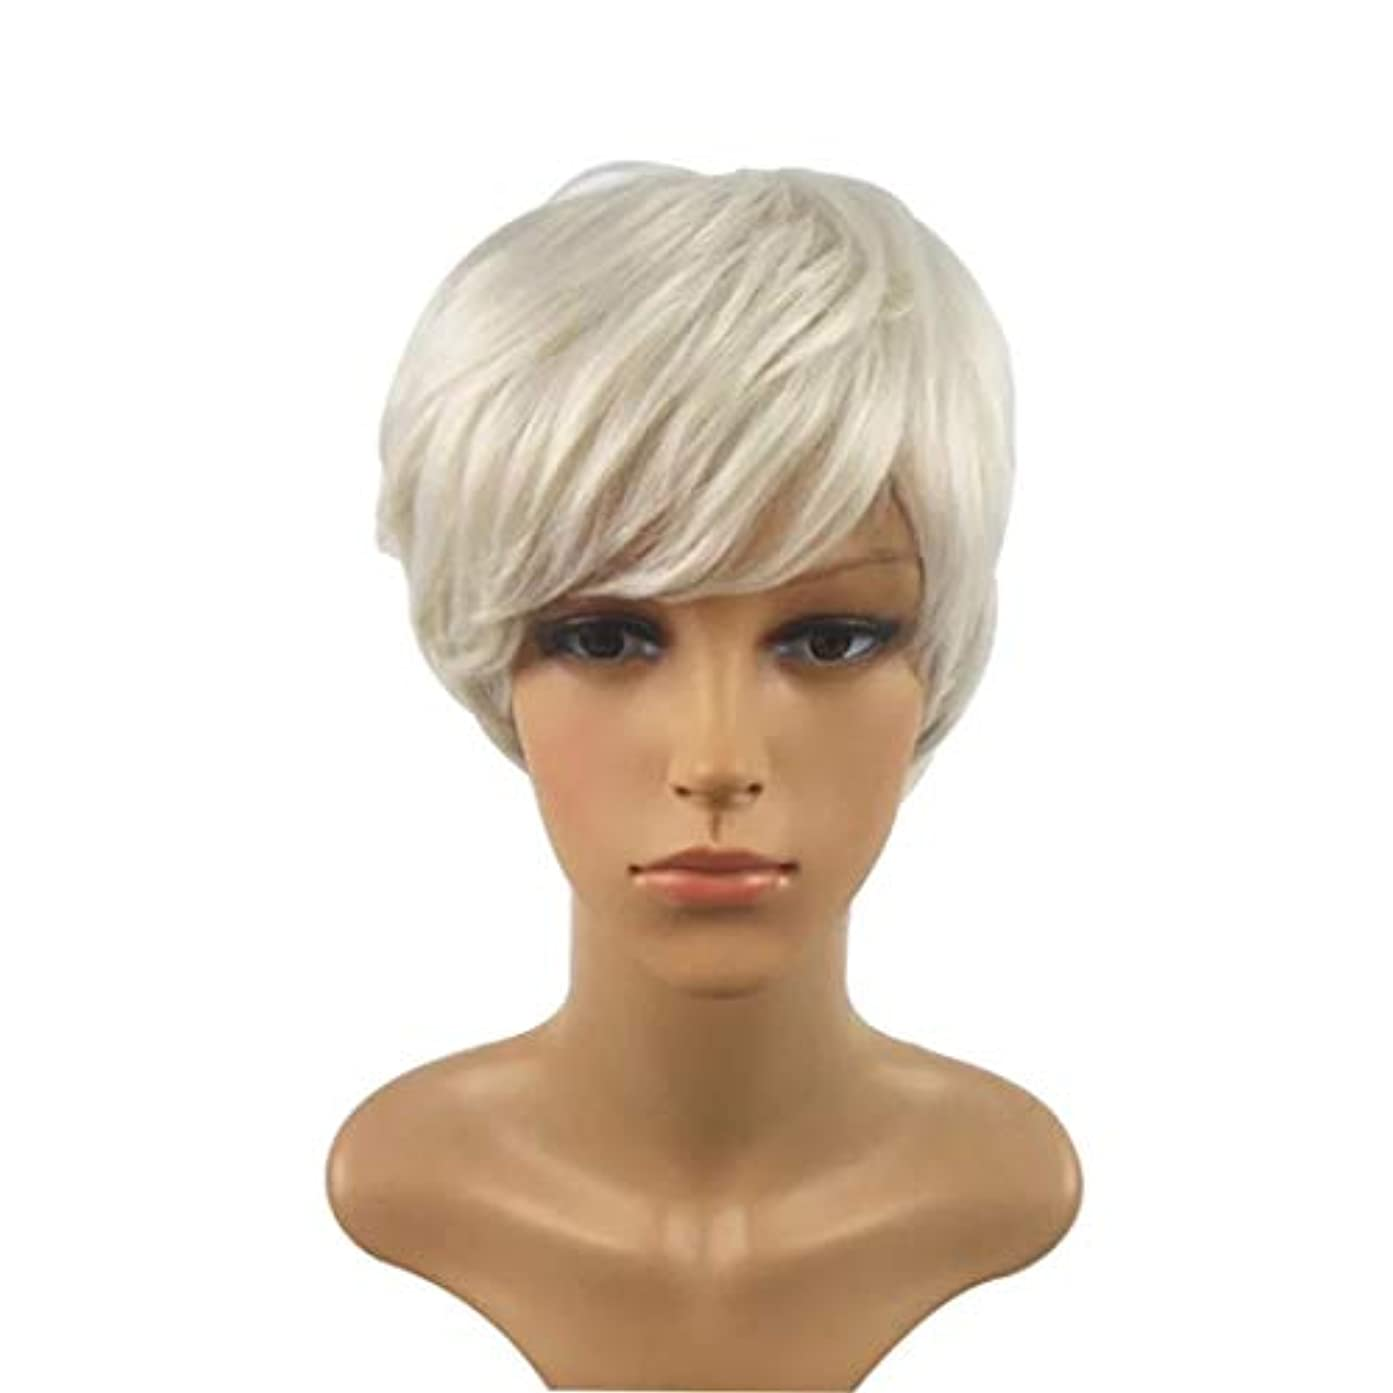 カヌーいわゆる塗抹Summerys 短い巻き毛のかつら髪かつら女性のための自然な耐熱フルウィッグ